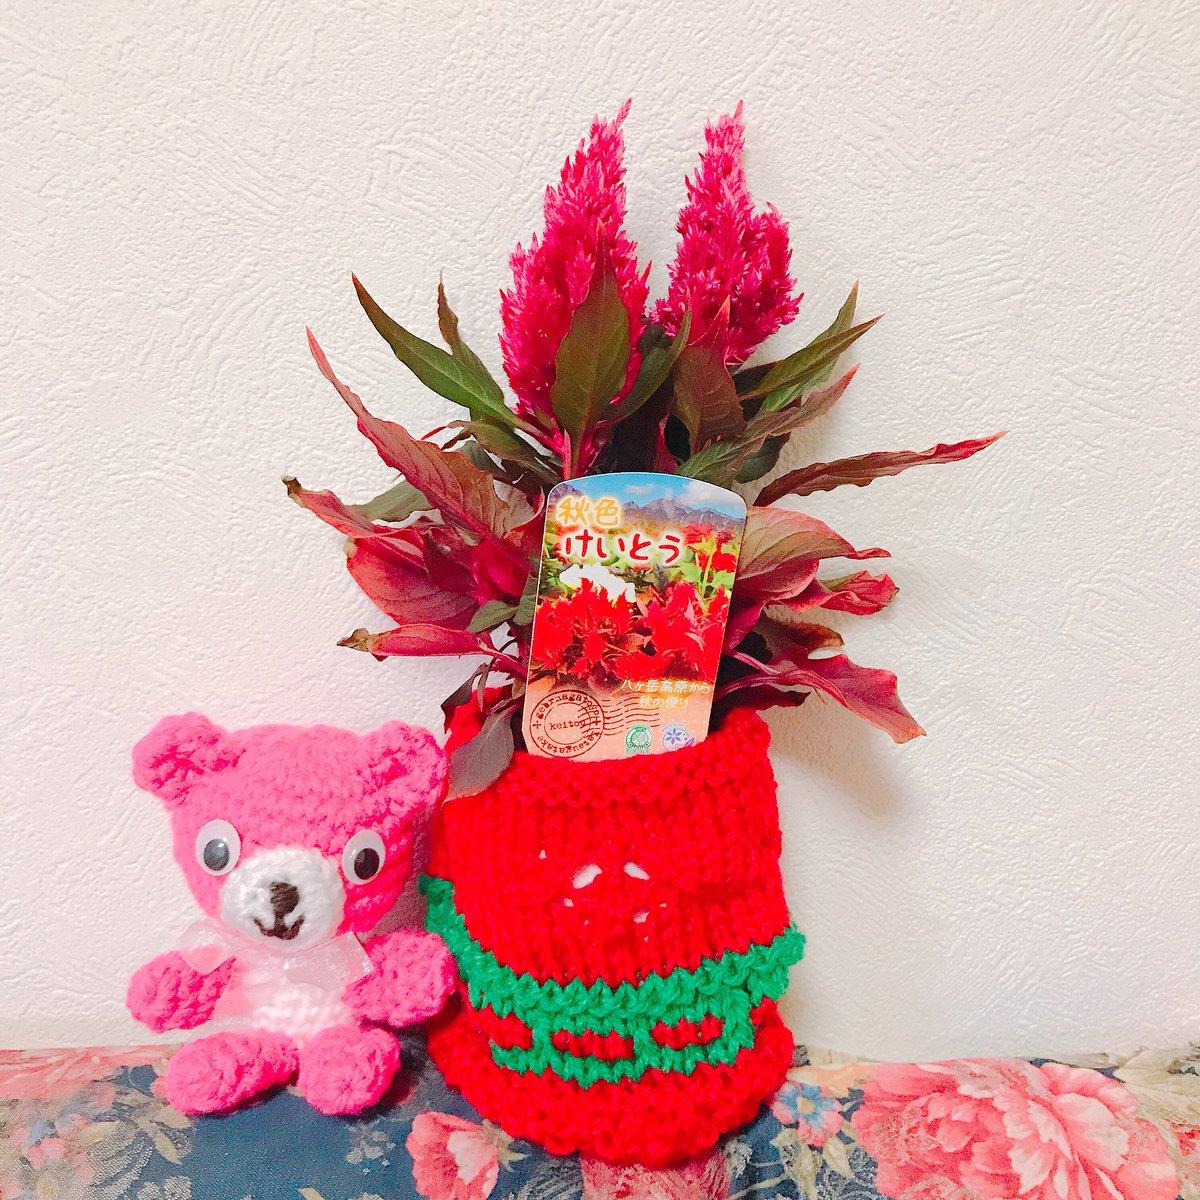 test ツイッターメディア - 柚子の木が虫にやられてしまい、お店に相談しに行ったら可愛いい、けいとう花が目に入り購入??(???) 100円ダイソー糸で鉢カバー 中央の穴は花柄の模様編み写真だと分かり難い…。??  #ダイソー #棒針編み https://t.co/gUTpmNekDR